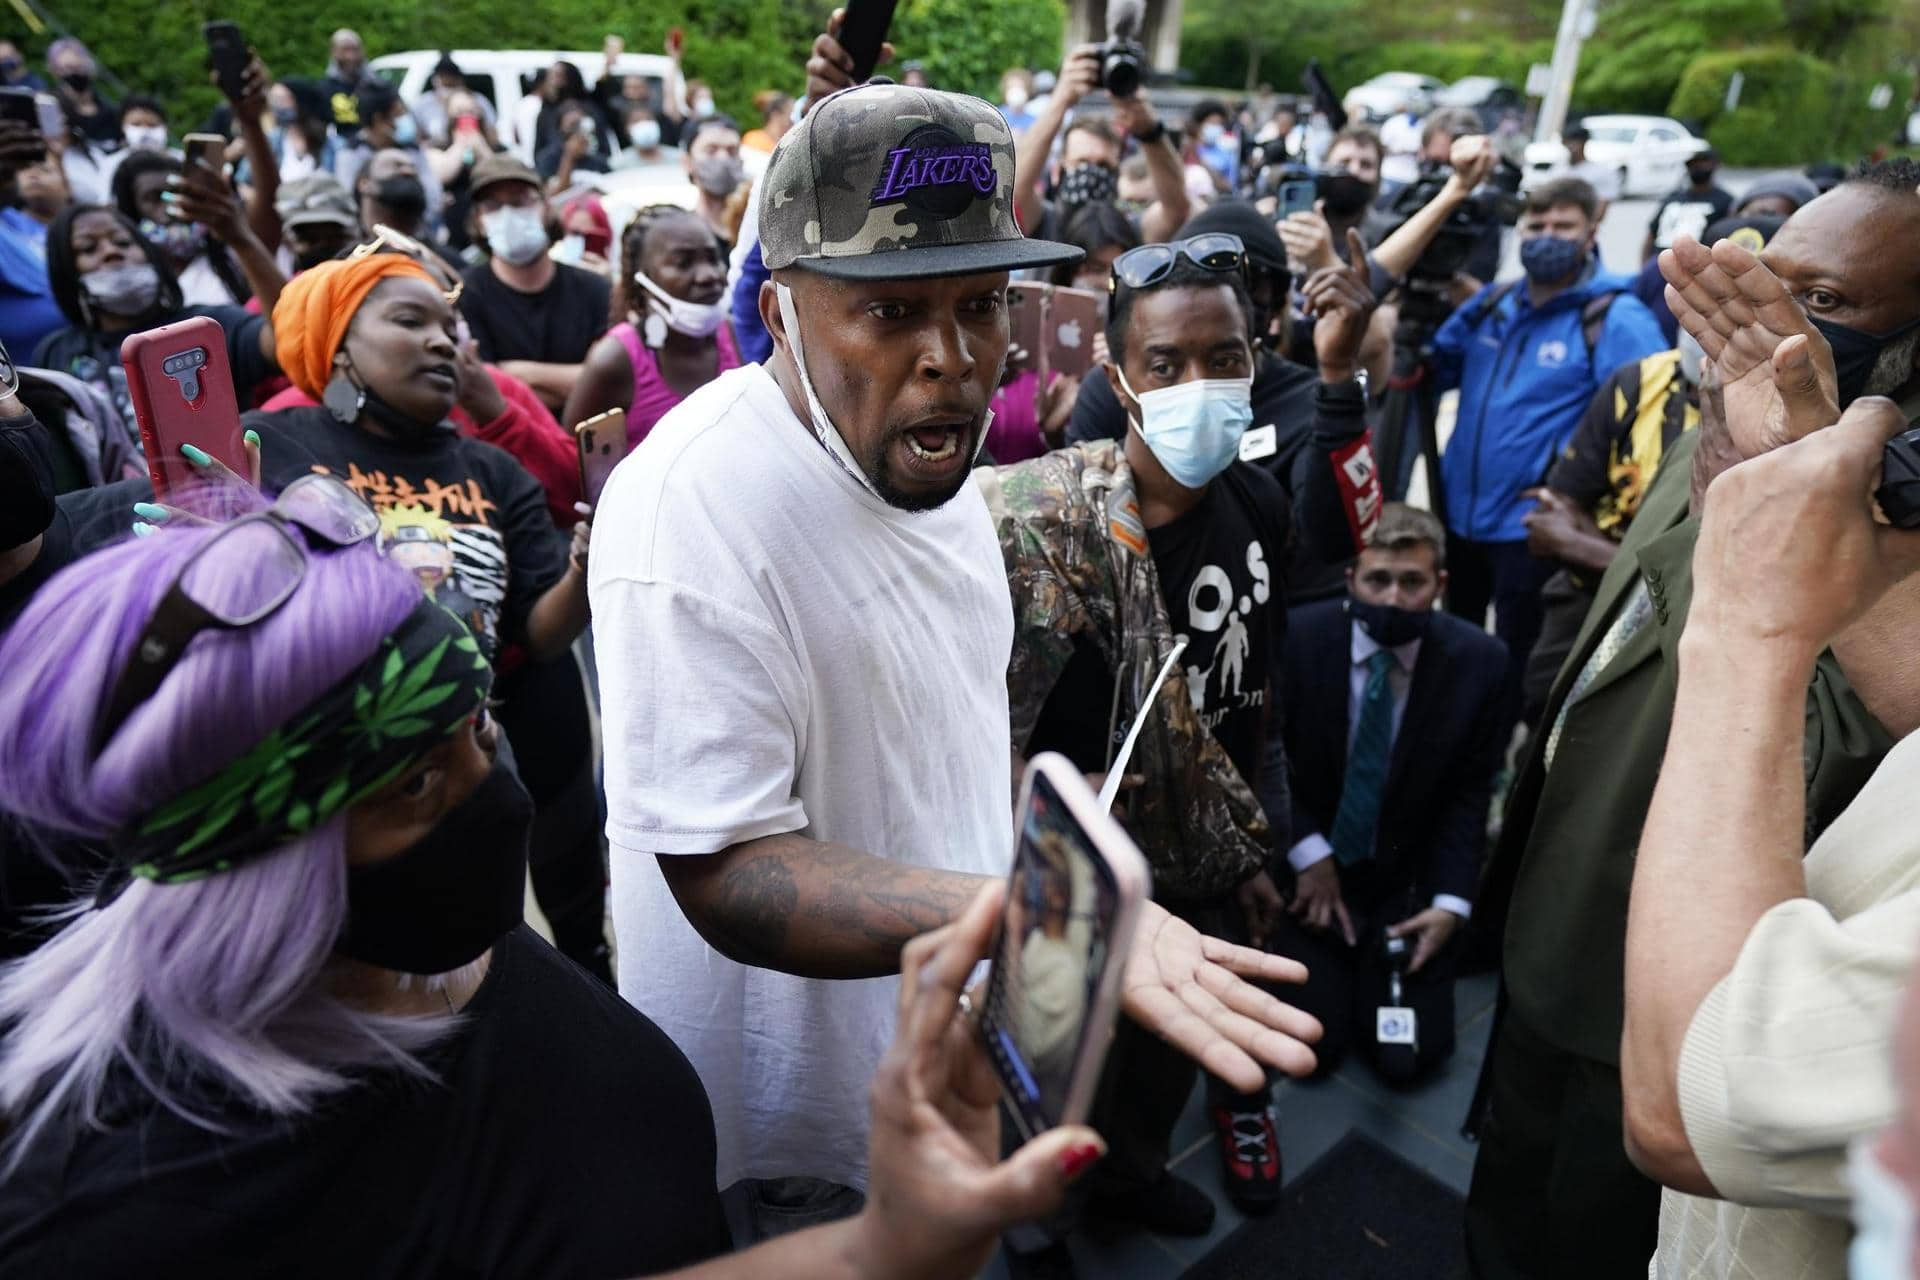 Erneut Schwarzer in den USA bei Polizeieinsatz erschossen Polizeigewalt in den USA